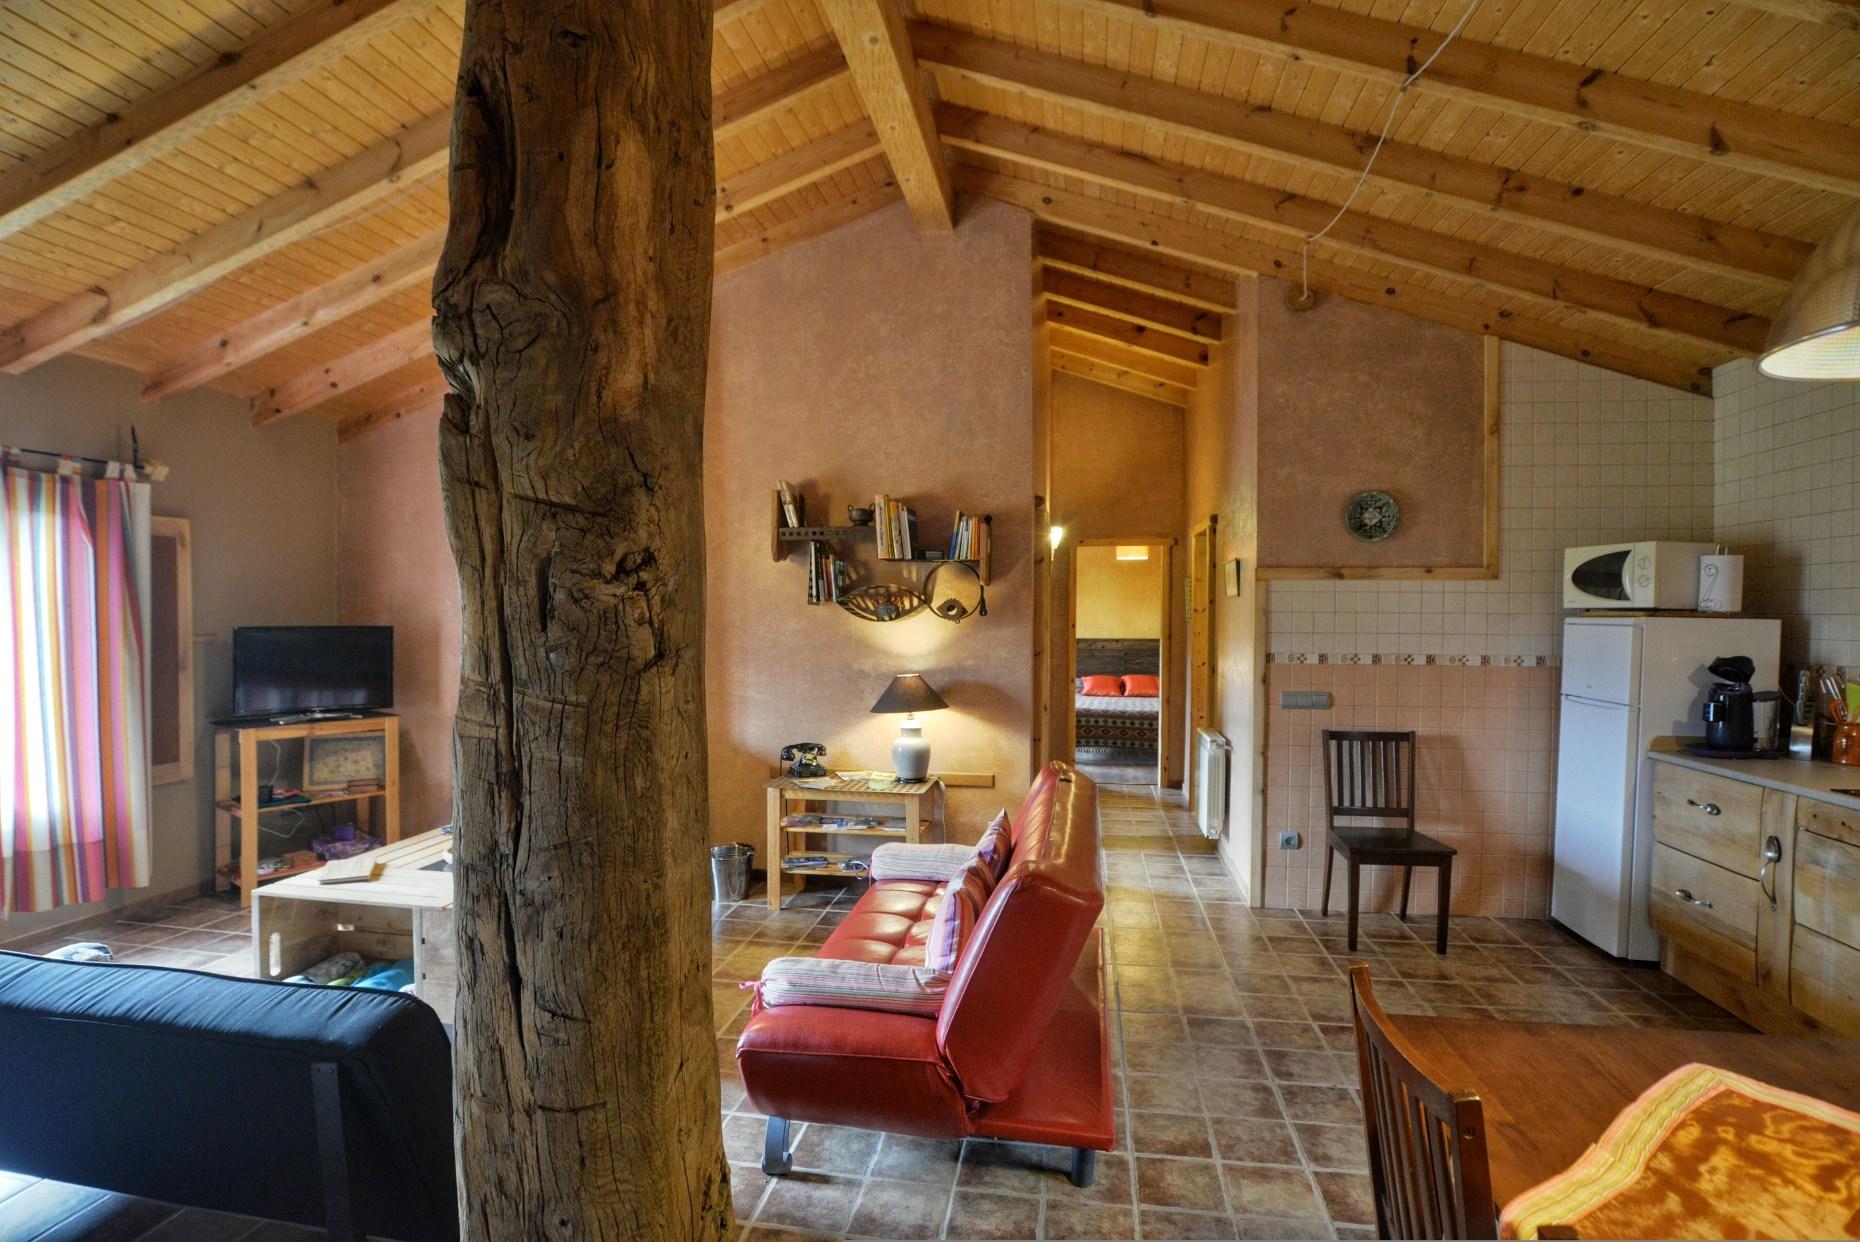 Casa rural El Encanto - El Mayulon - Vista del salon comedor con habitaciones al fondo